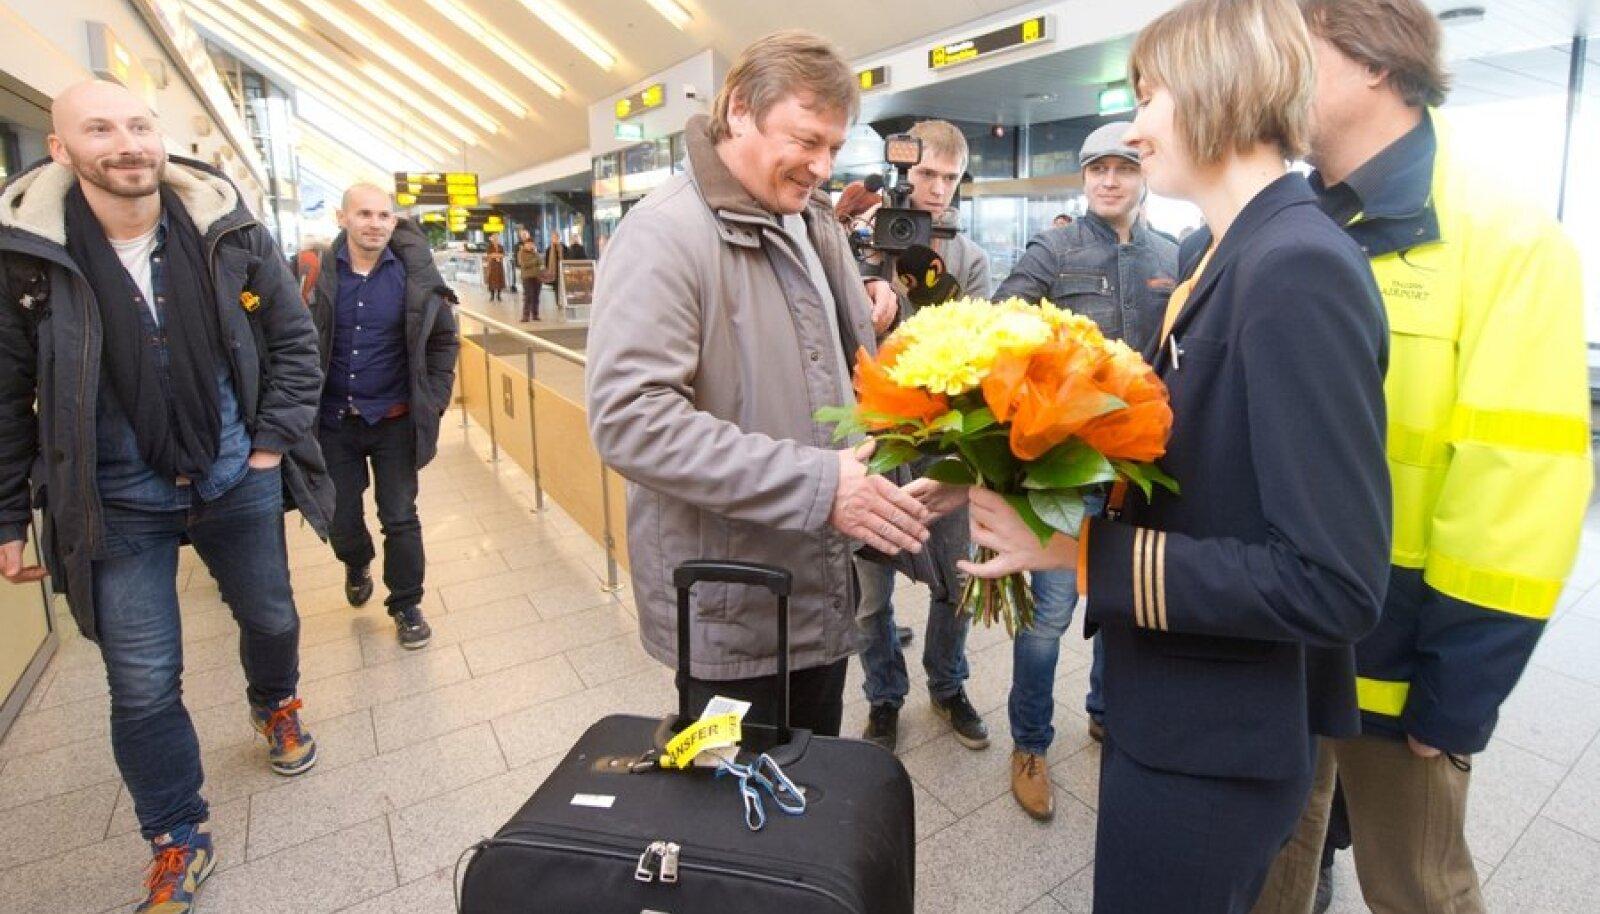 """Tallinna Lennujaama """"inimkäive"""" jõudis tänavu esimest korda kahe miljoni inimeseni. Kahe miljones reisija Aivar Mäe saabus 16. novembril Moskva lennuga ja sai lennujaamalt kingiks diplomi, lilled ja pagasikaalu. Mees oli pärs õnnelik kohe."""